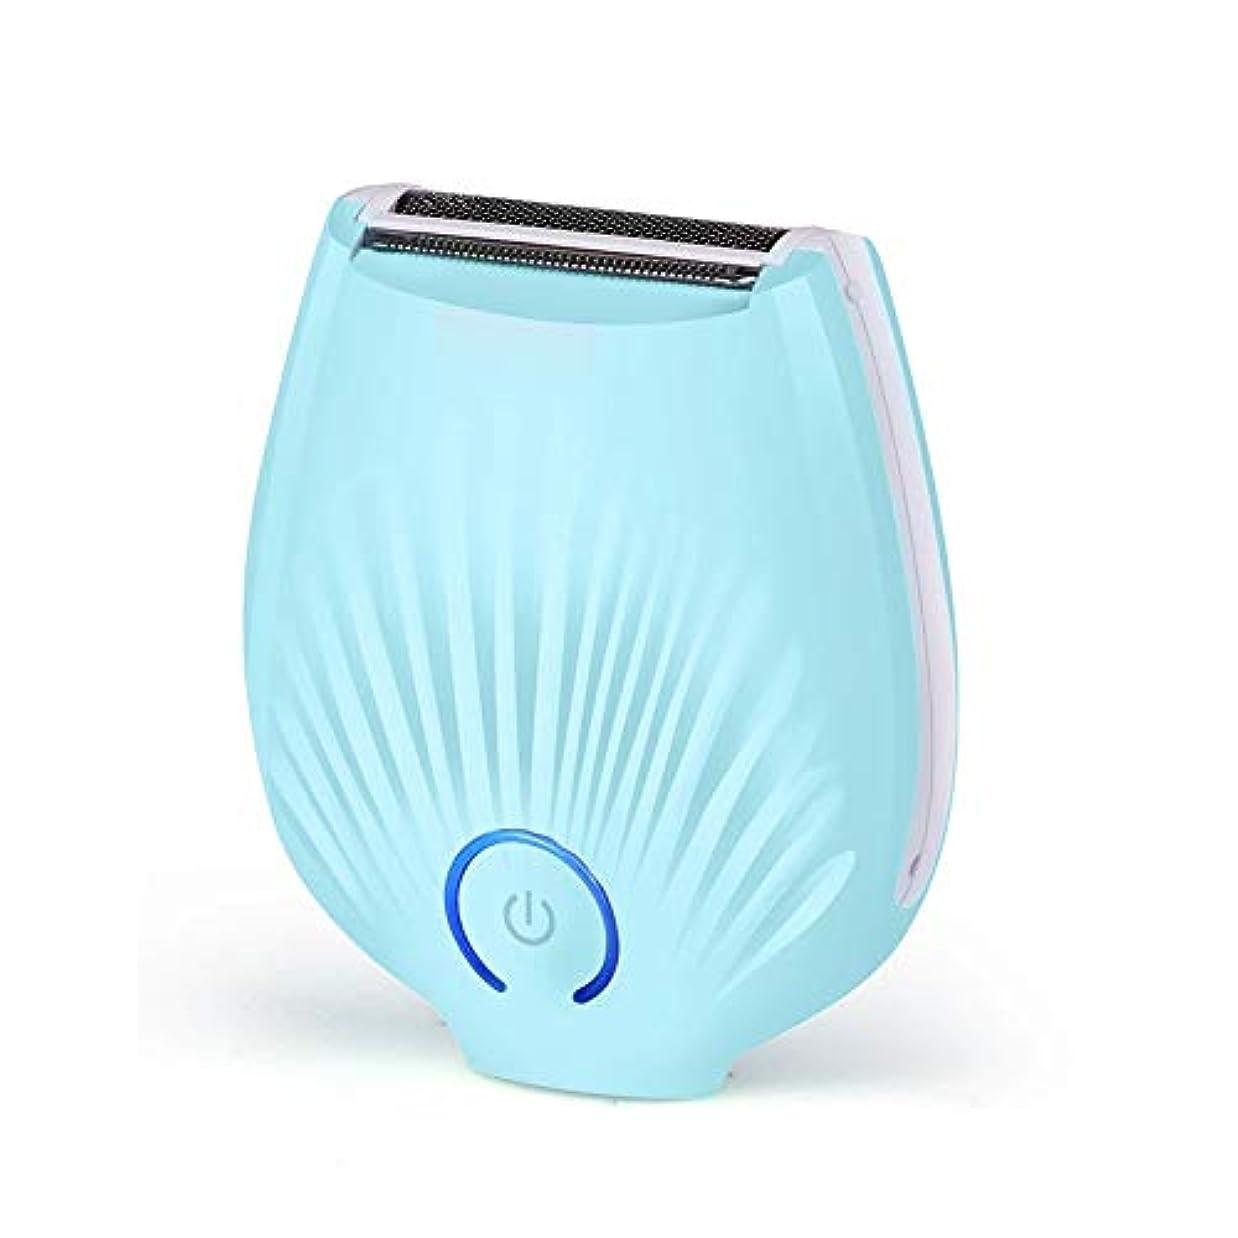 証書不十分ベストレディーヘアリムーバー、USB防水電気シェーバー、女性のシェービング脚のヘアナイフ  脇の下専用パーツシェーバー(ピンク、ブルー),Blue